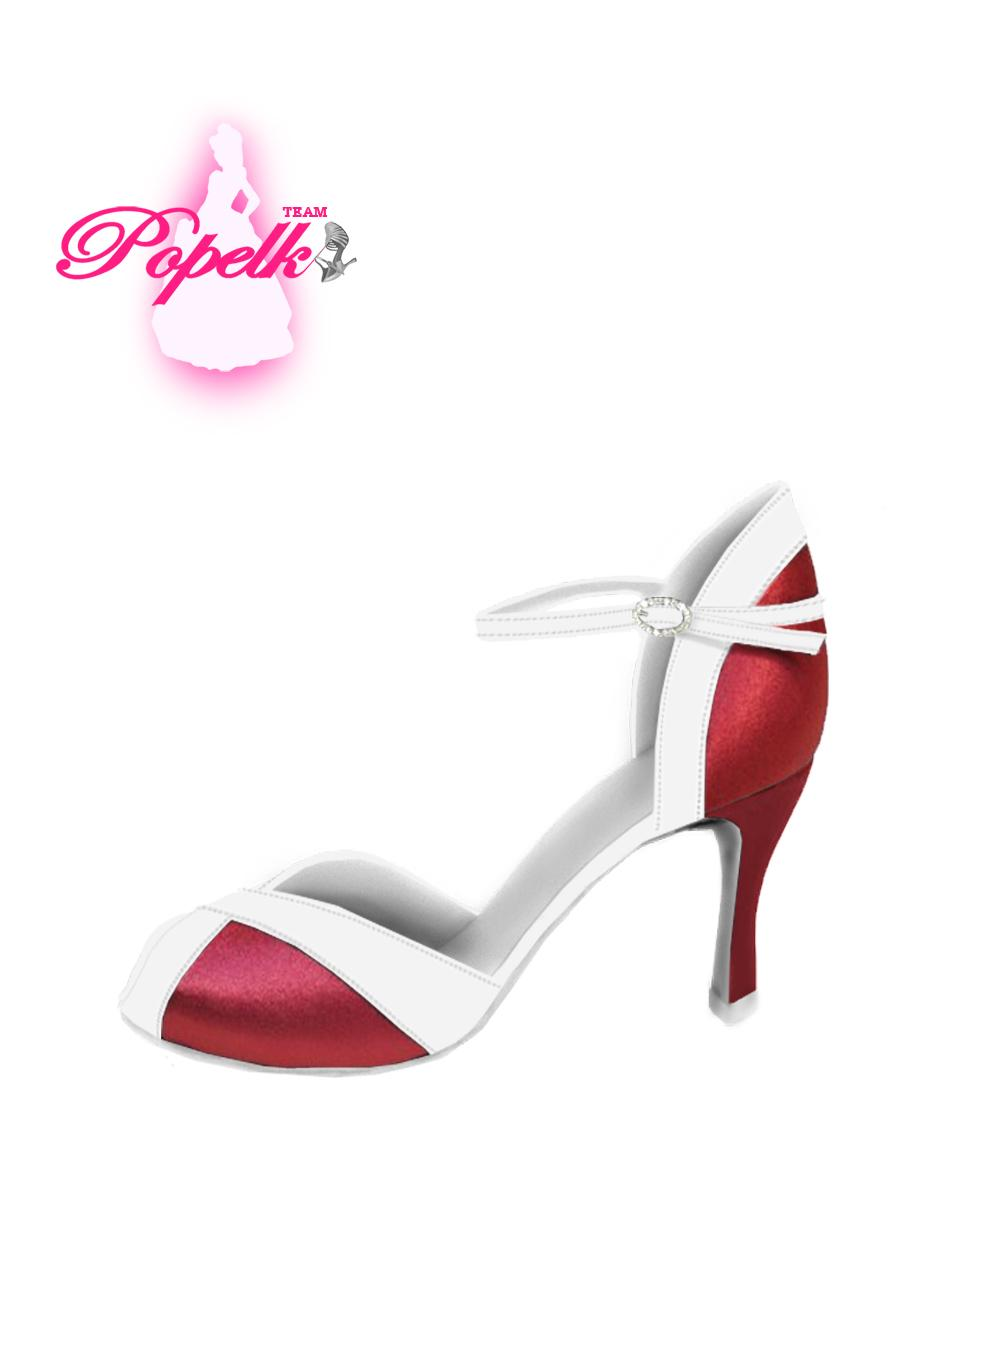 Svadobné topánky s úpravou na želanie - inšpirácie bordó, hnědá, čokoládová - Obrázok č. 4